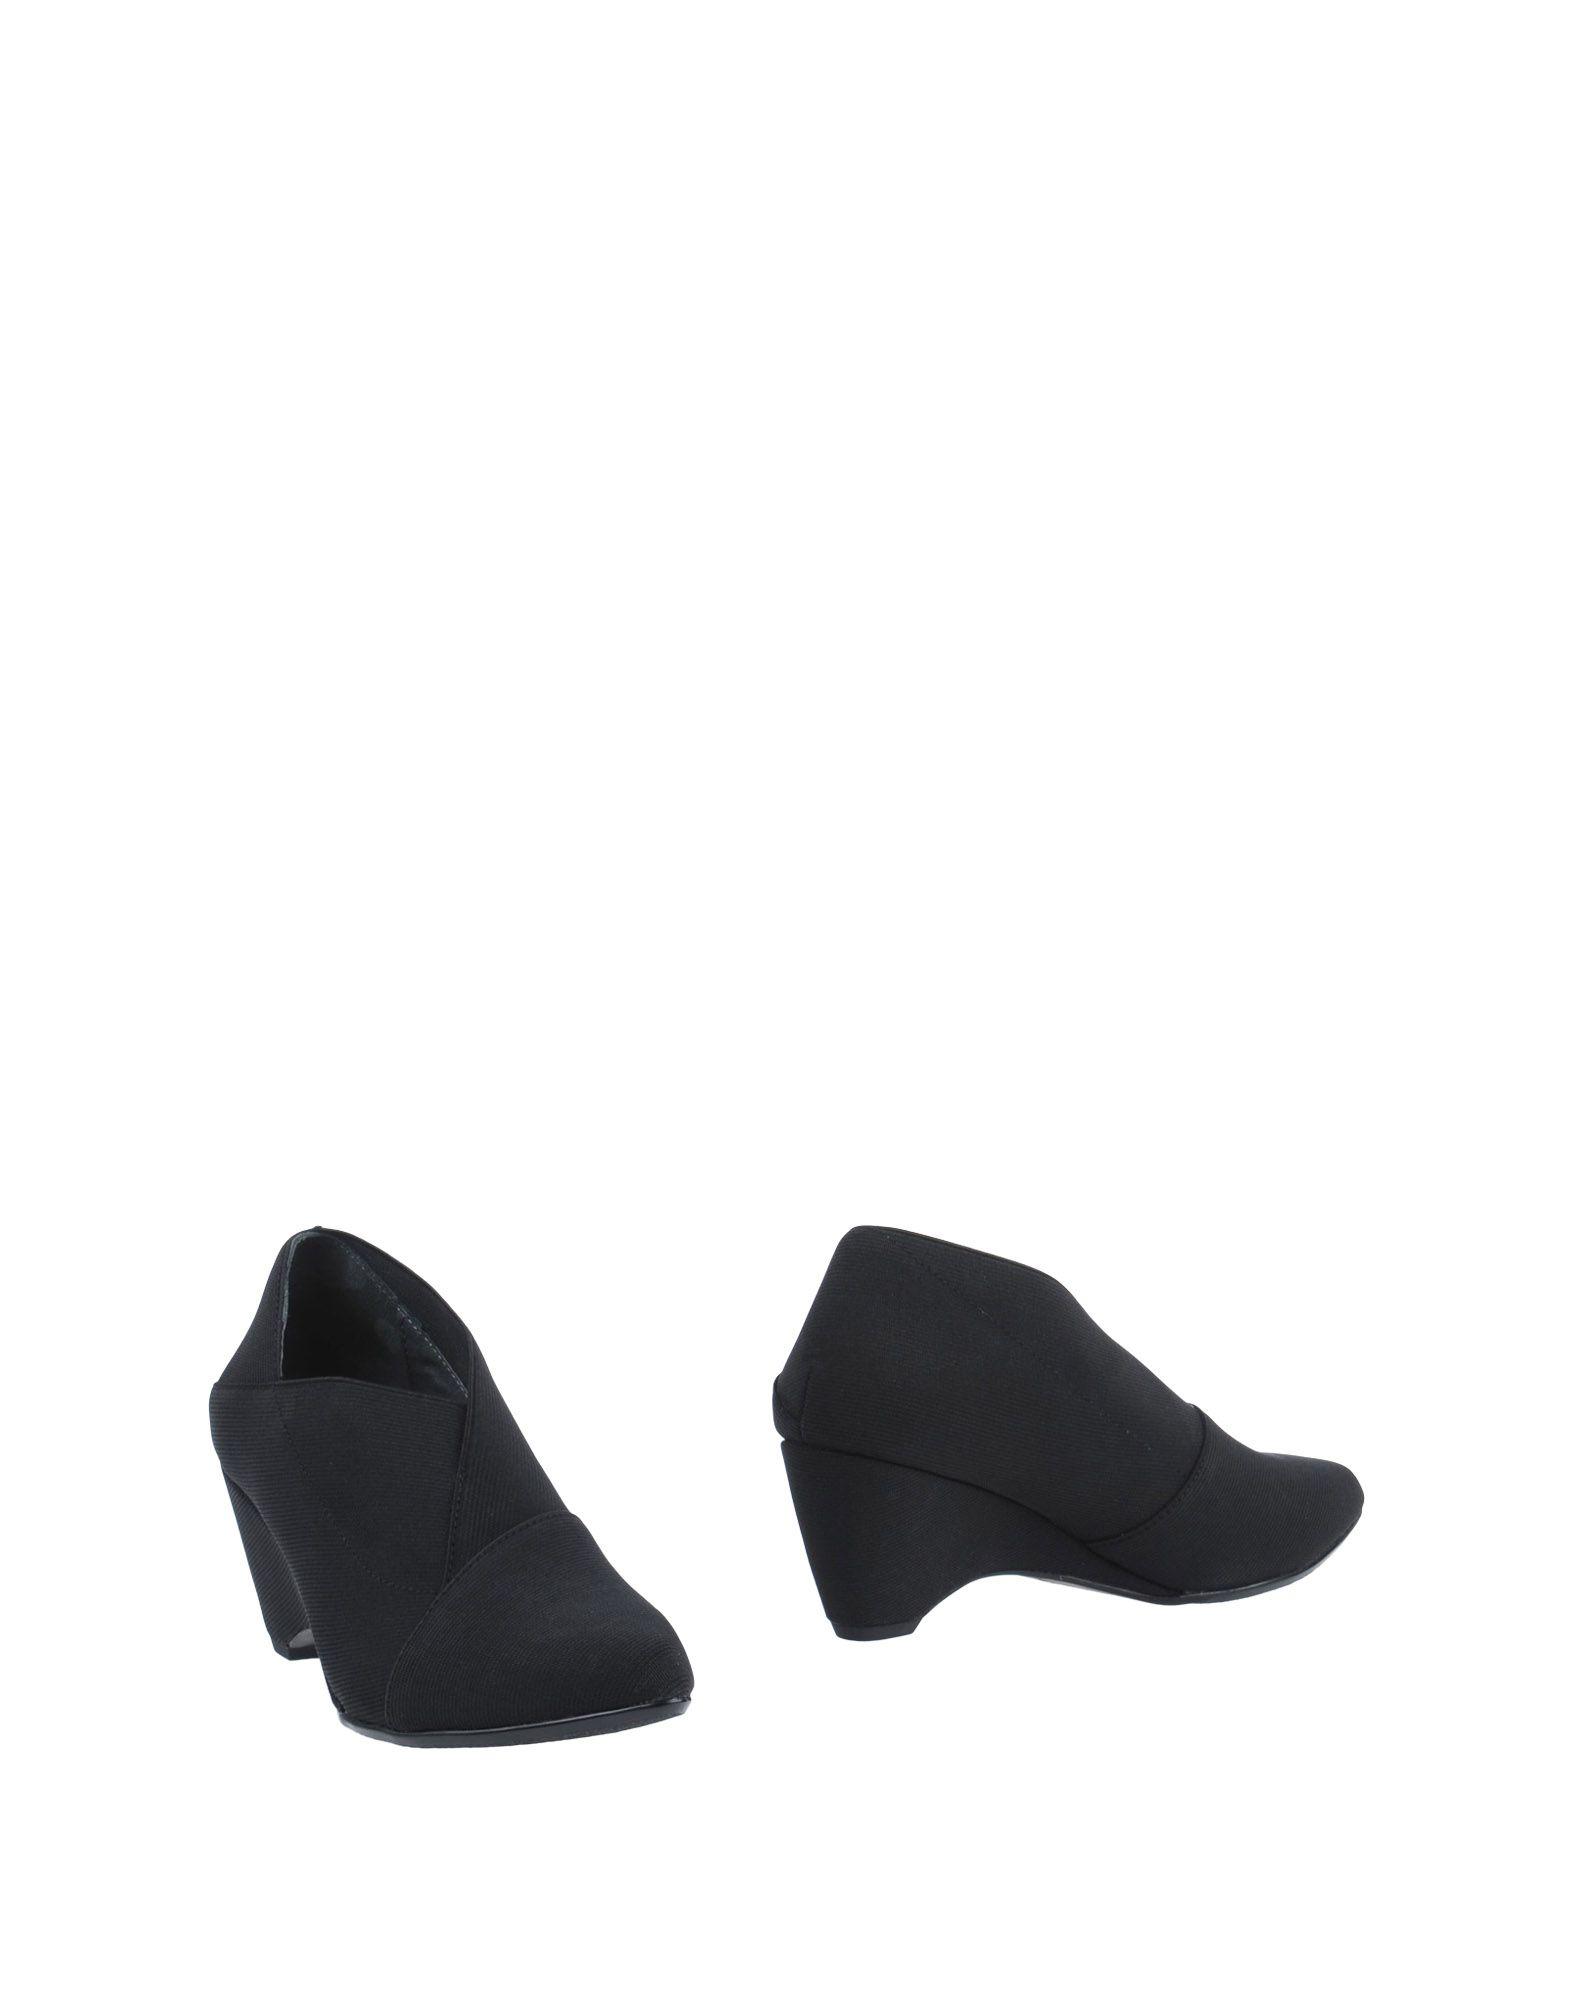 United Nude Stiefelette Damen  11326810PU Gute Qualität beliebte Schuhe